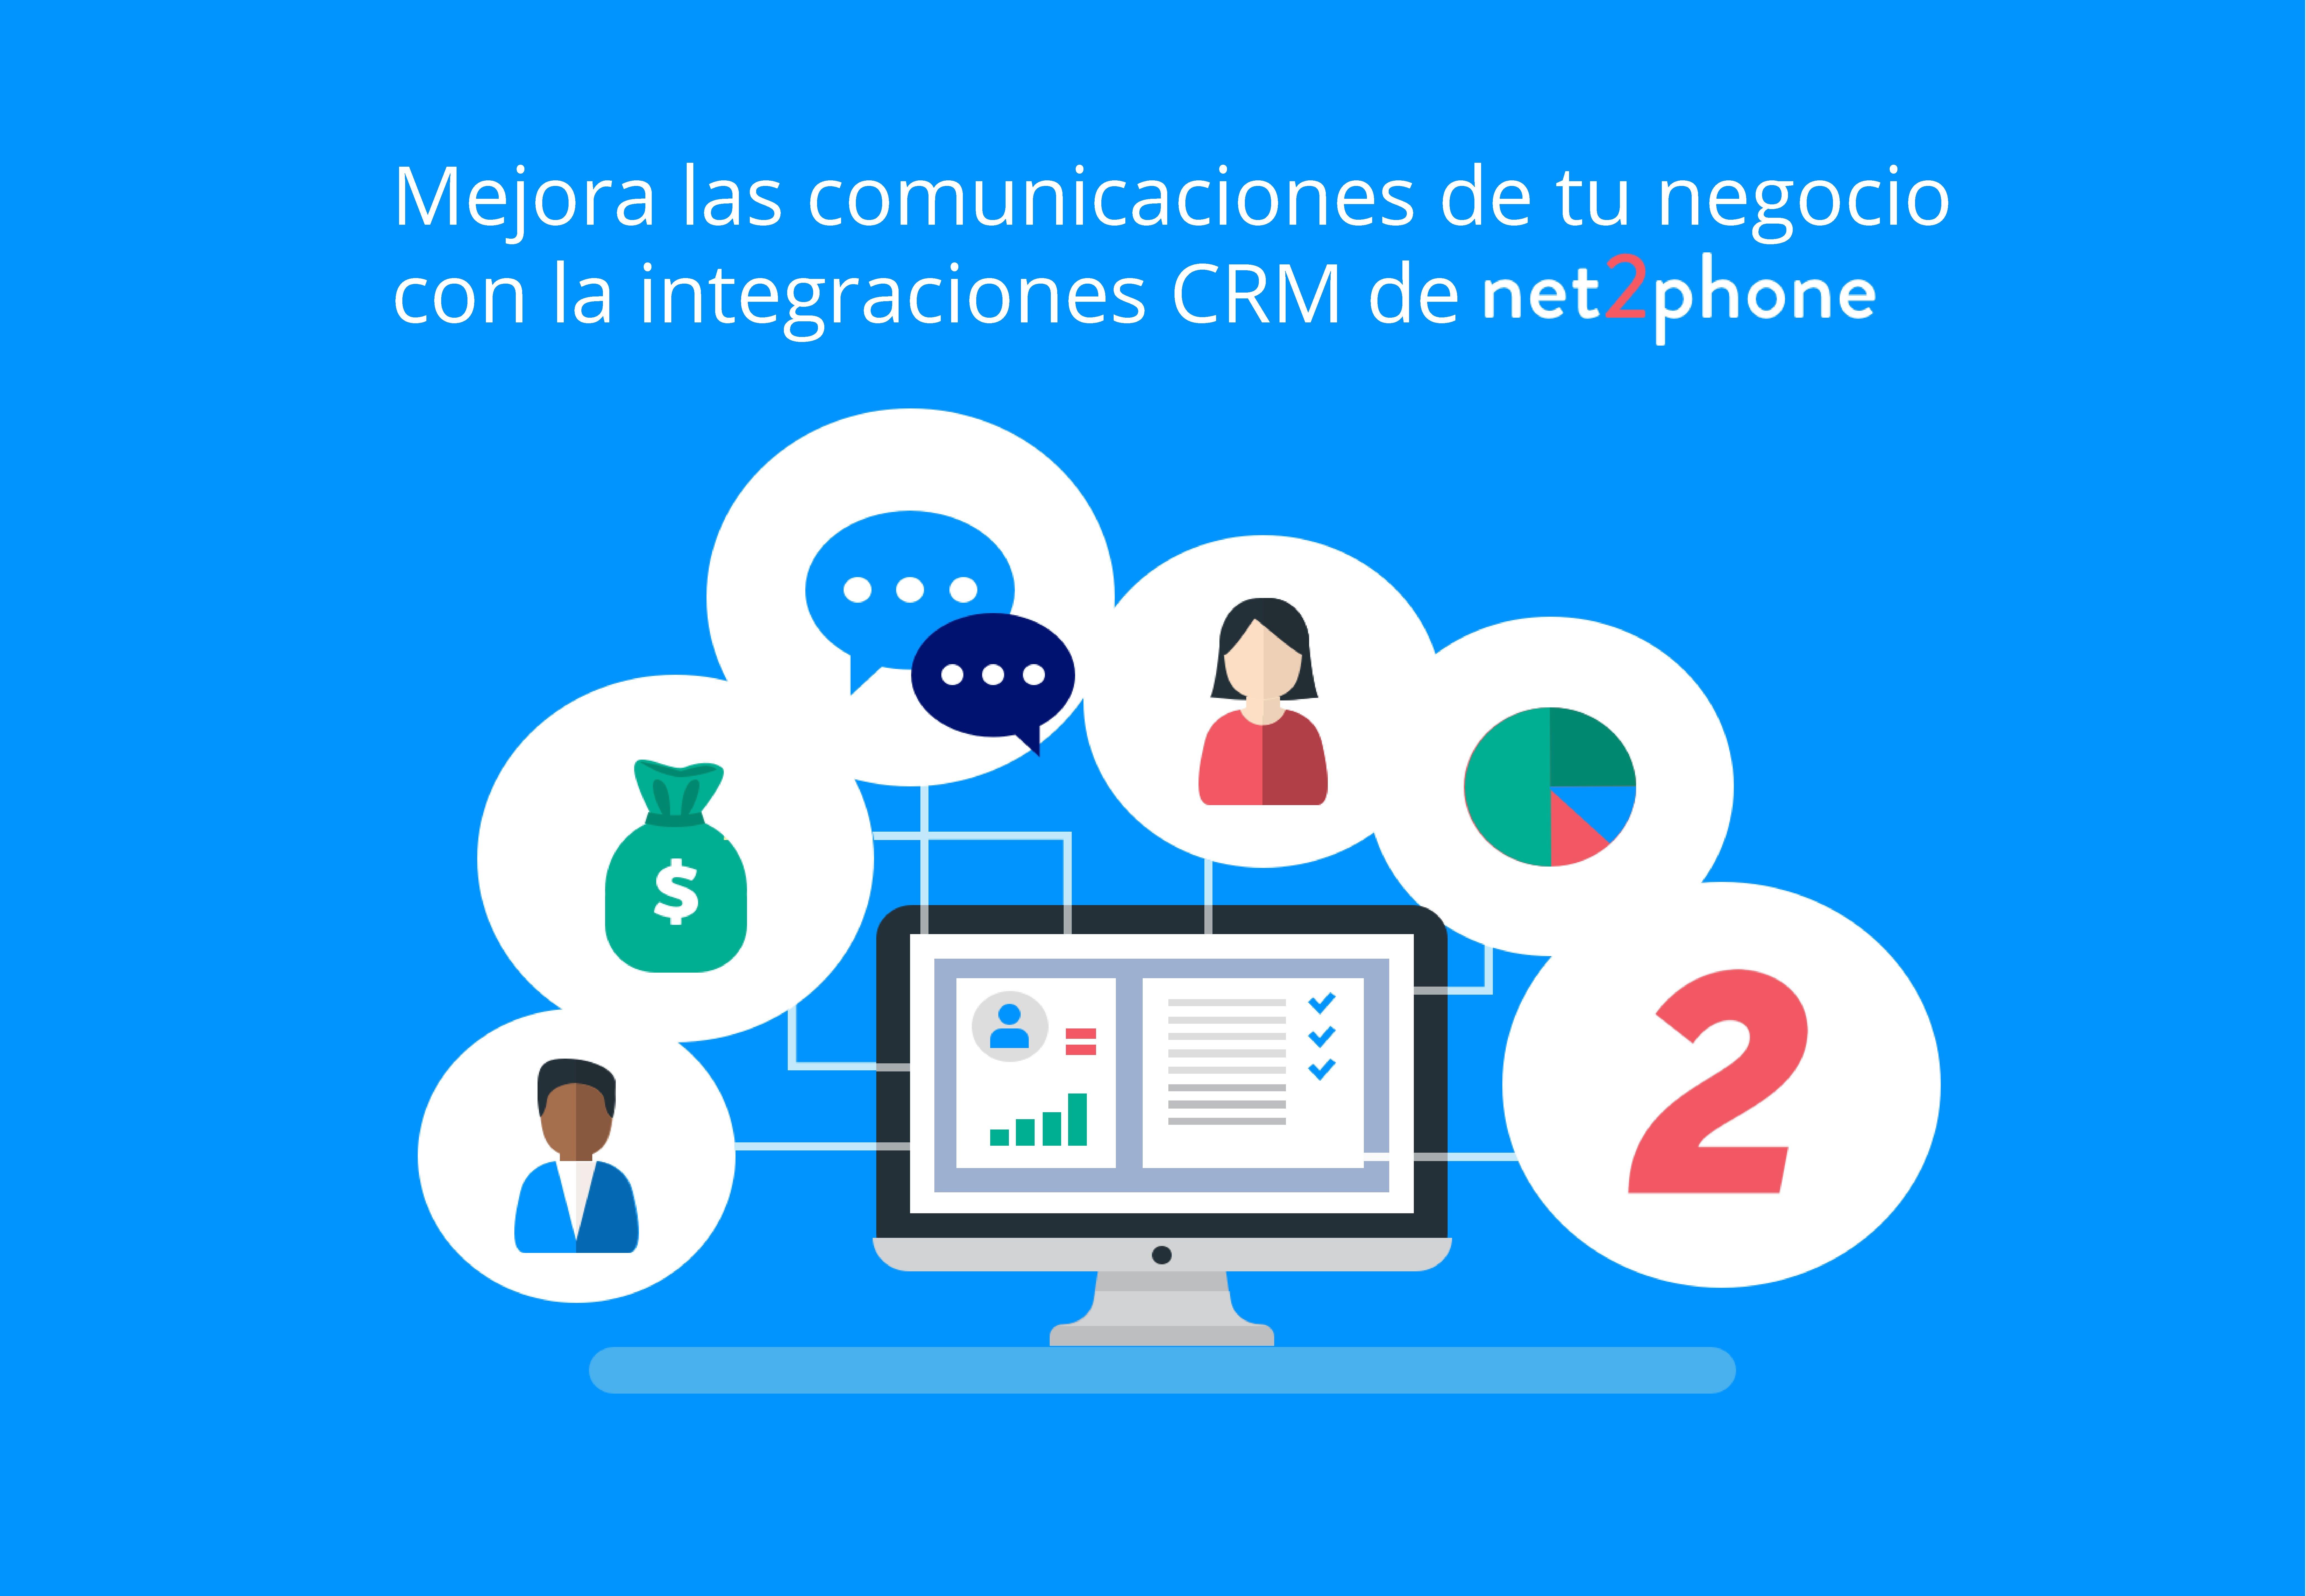 Cómo la integración de servicios de telefonía con plataformas CRM beneficia a las empresas